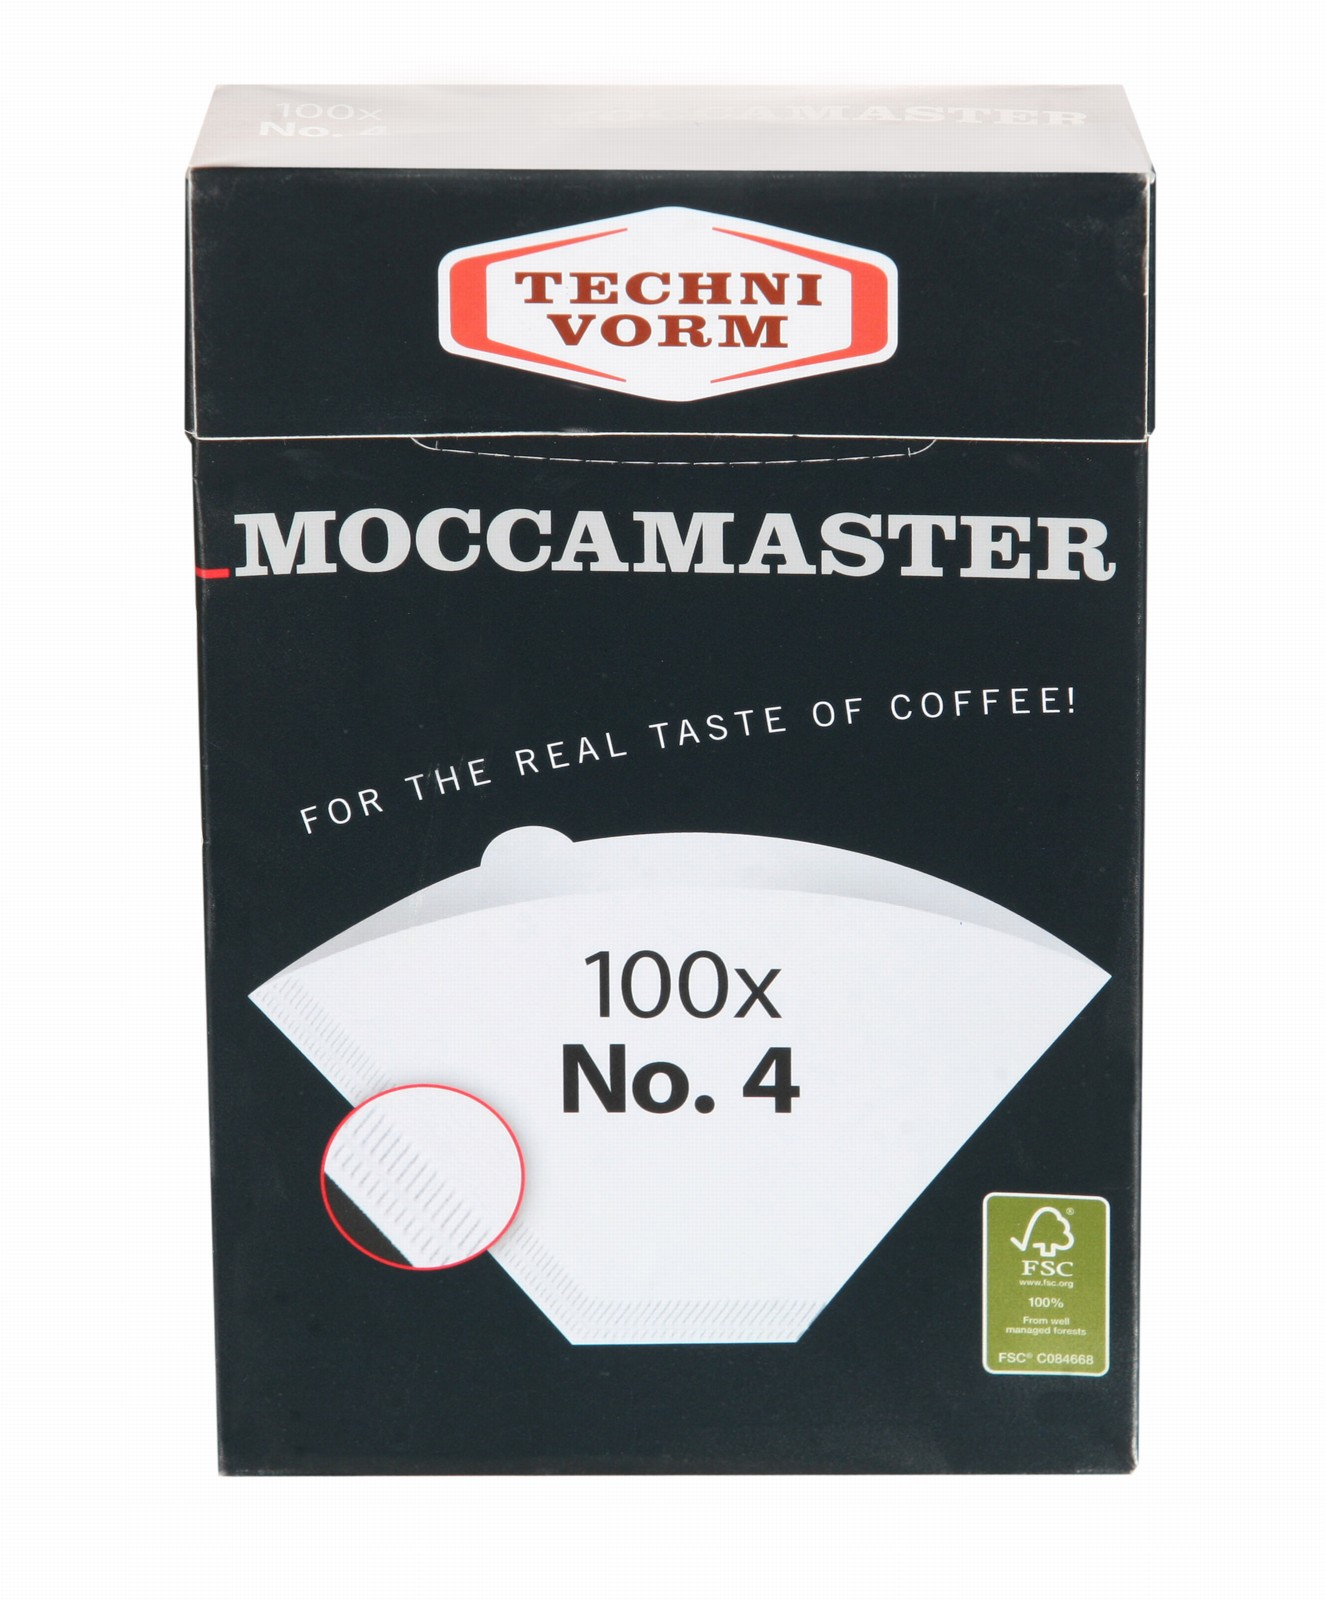 Moccamaster Filterpapier Wit maat 4